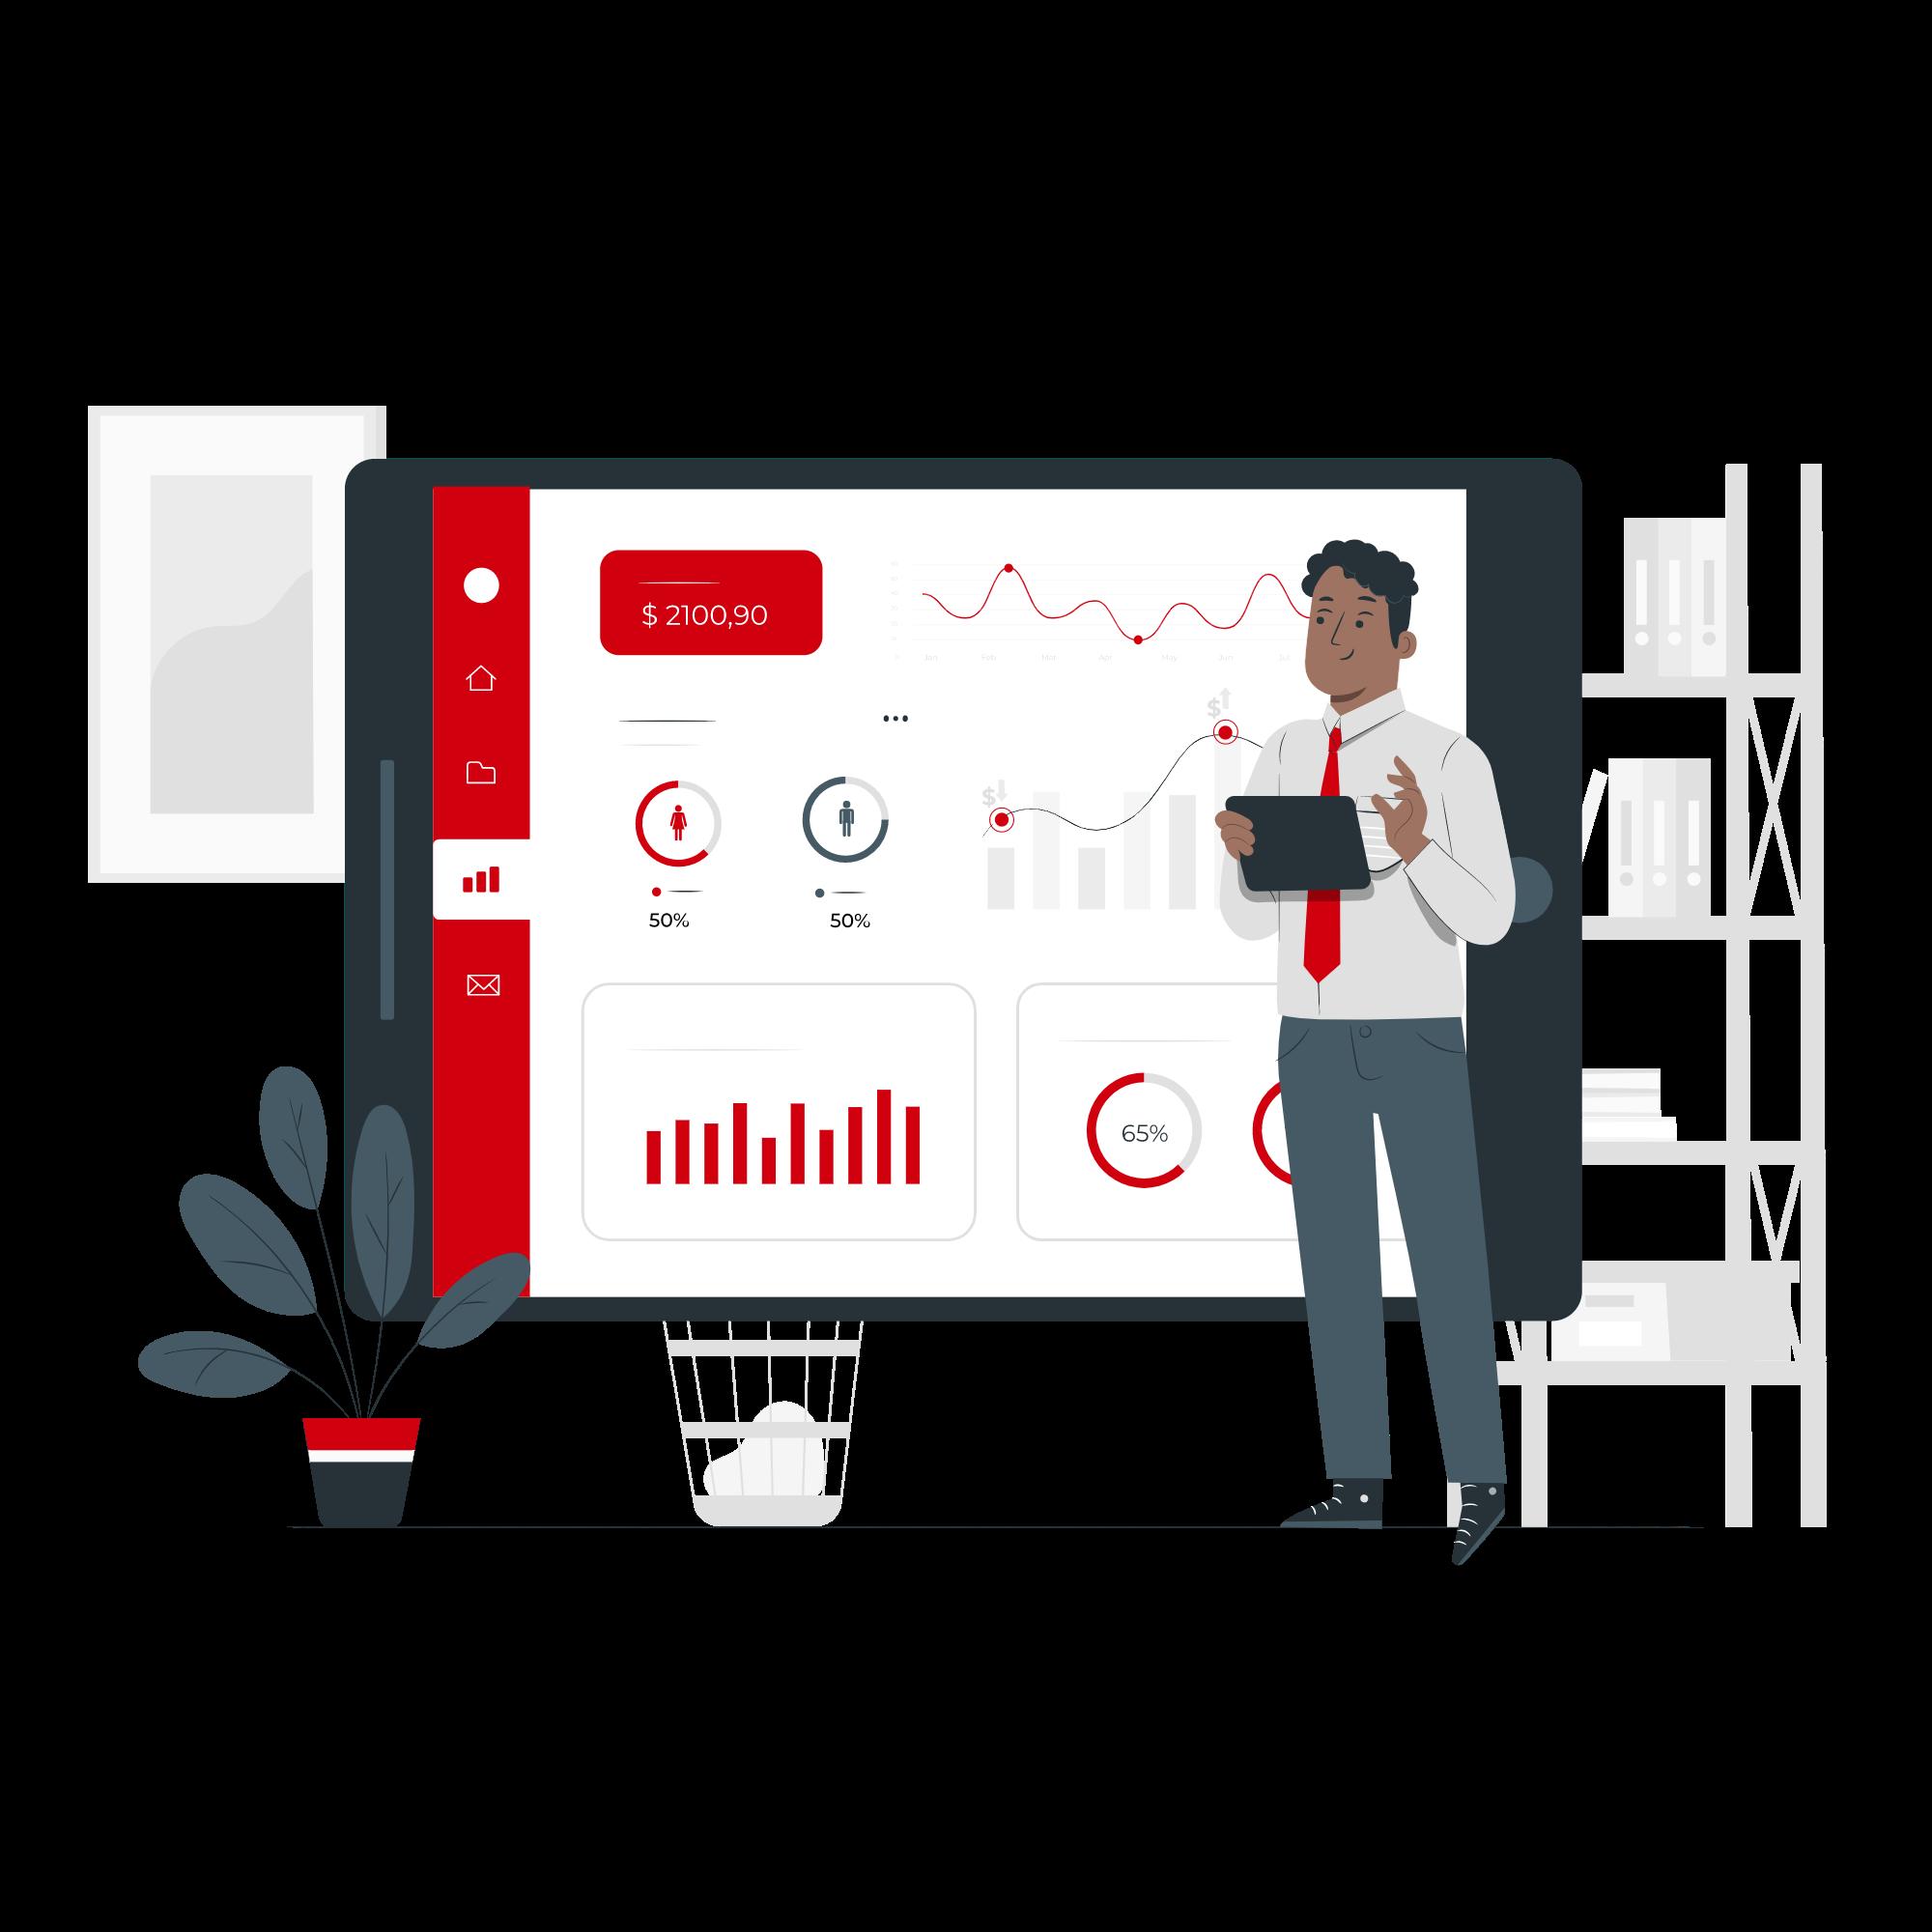 費用対効果を可視化してクライアントに説明しているイメージイラスト